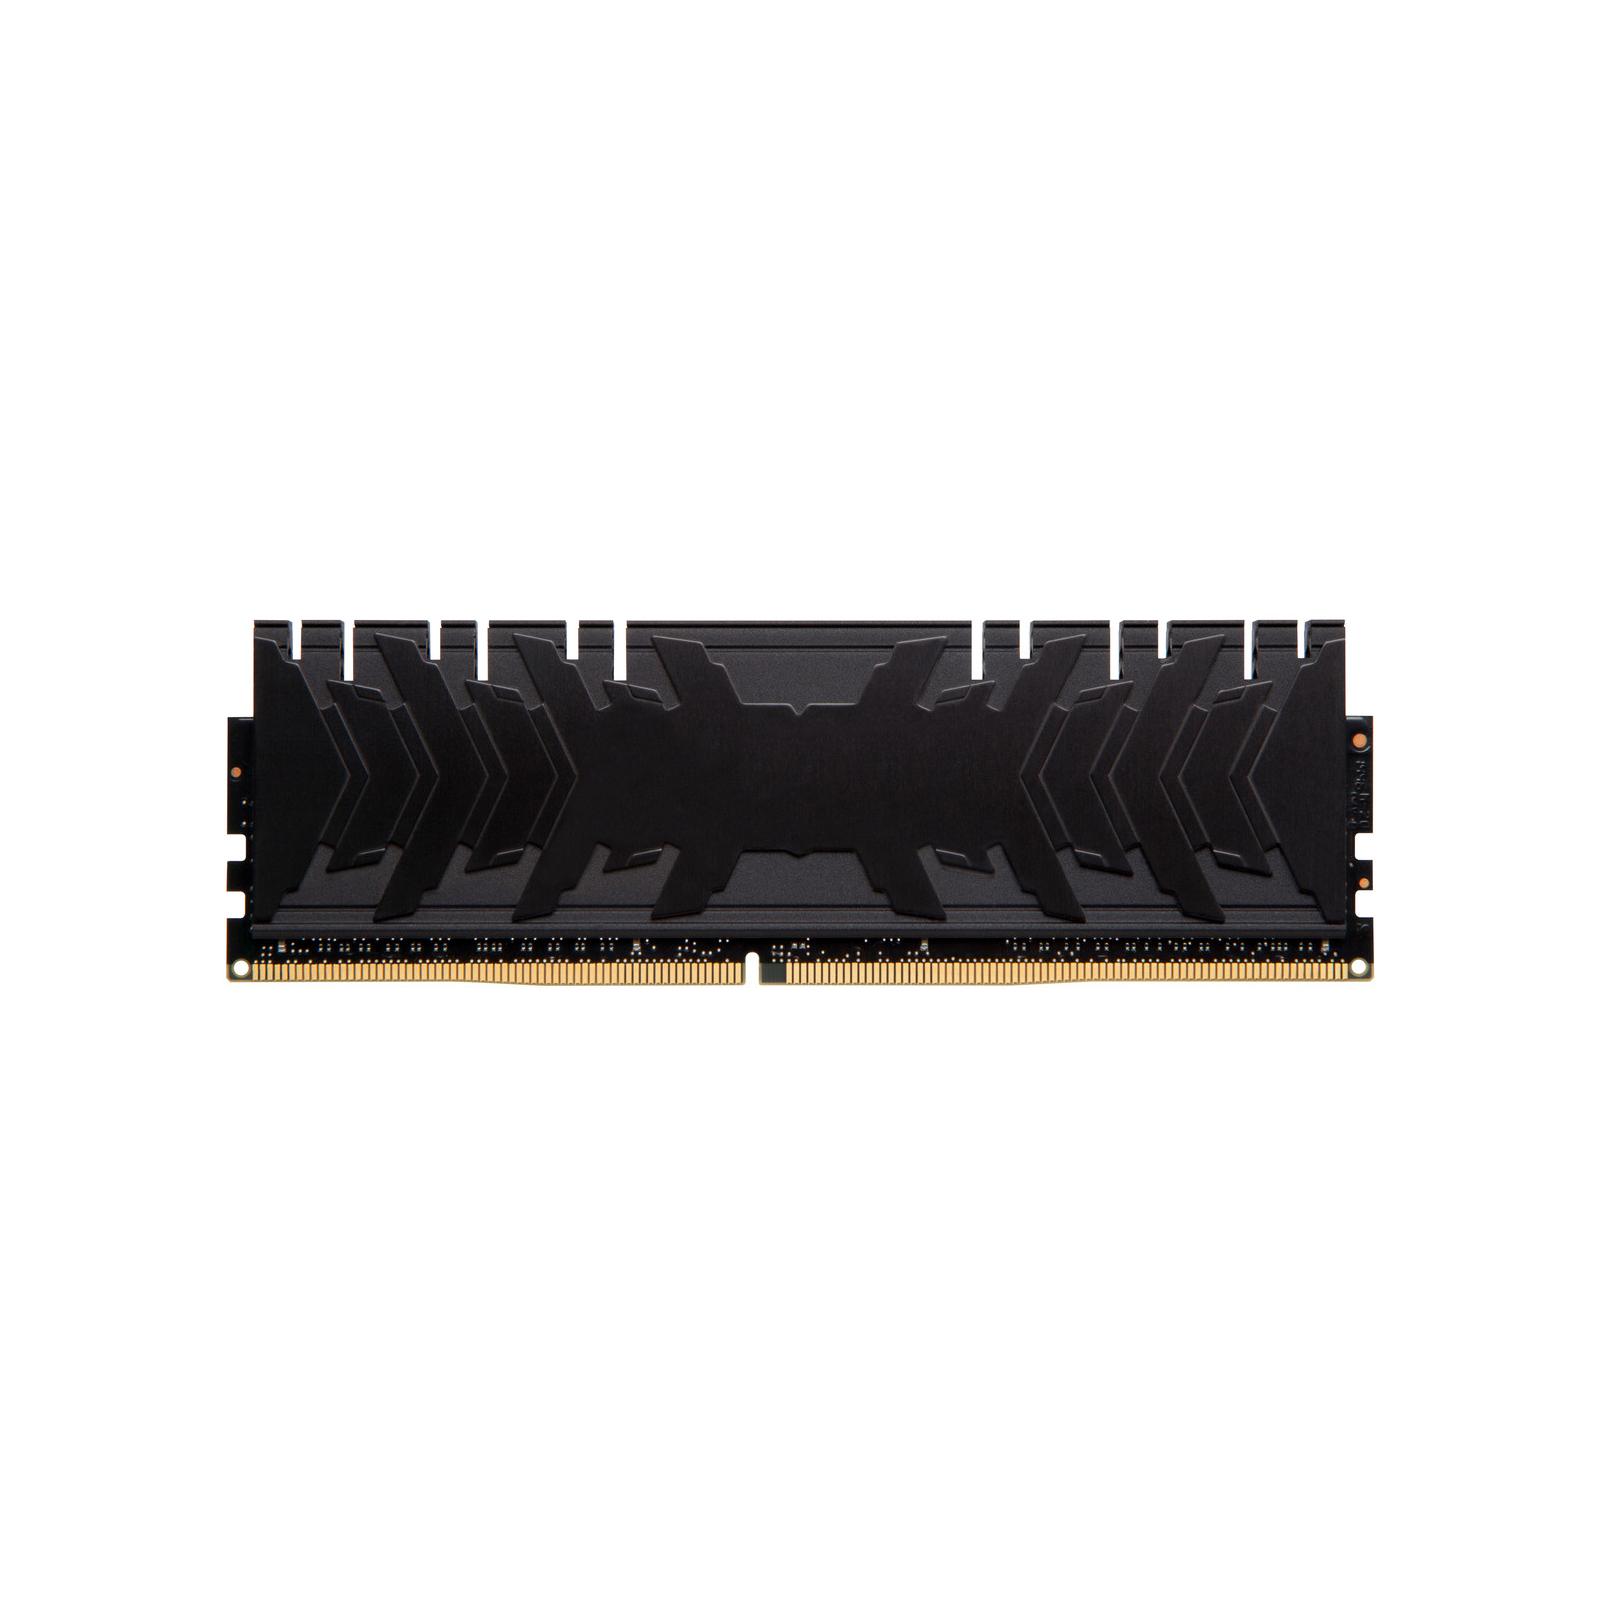 Модуль пам'яті для комп'ютера DDR4 8GB 3600 MHz HyperX Predator Kingston (HX436C17PB4/8) зображення 2